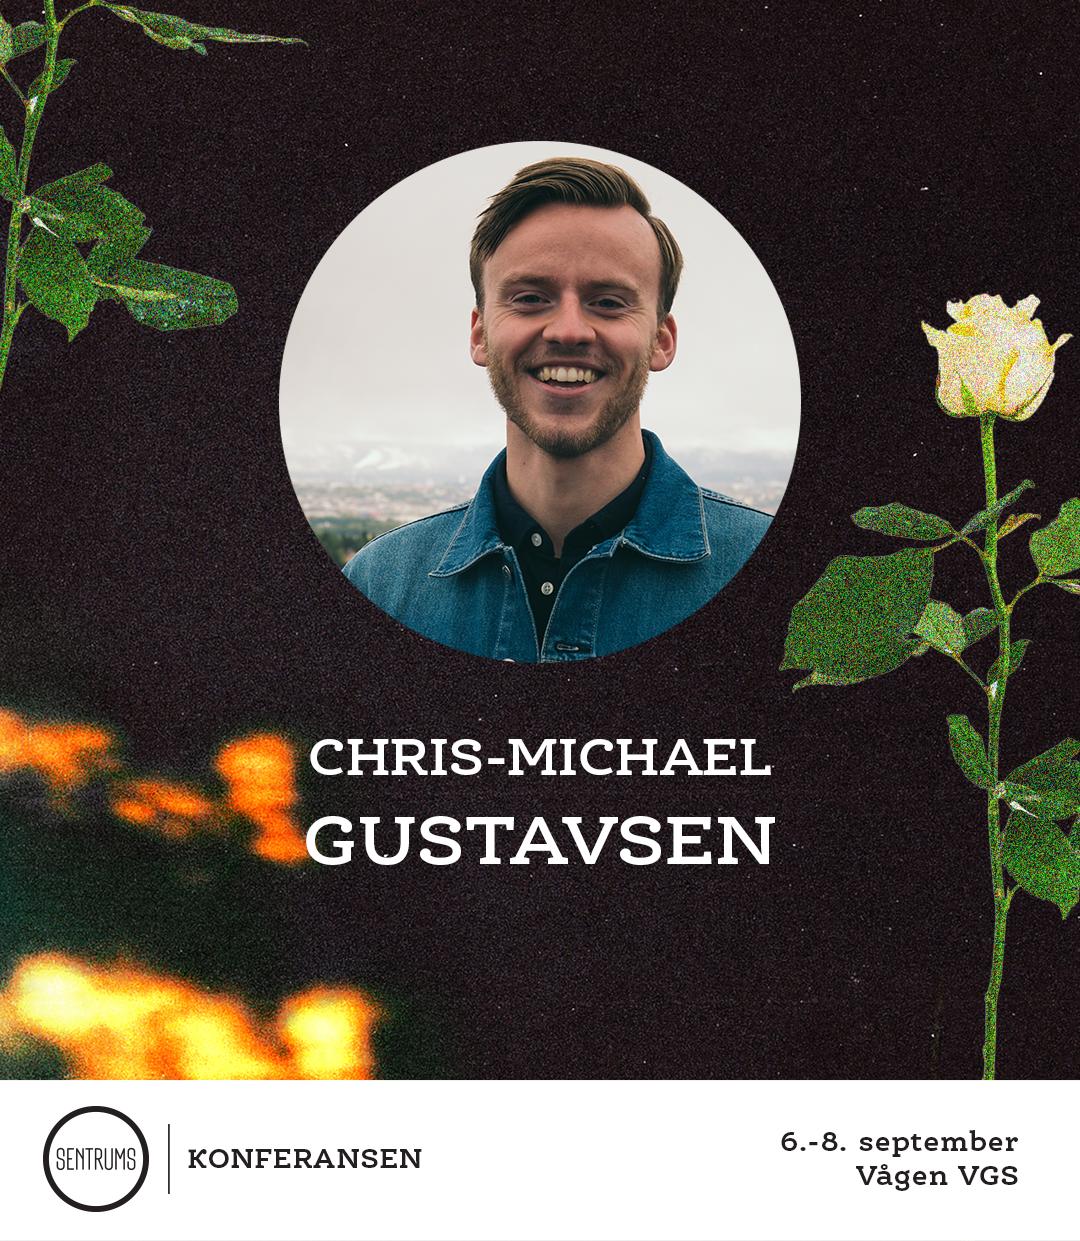 Chris-Michael Gustavsen leder ungfila, en av Norges største og mest innflytelsesrike ungdomsarbeid. Han kommer for å inspirere og henge med ungdommene på konferansen. Vi er så forventningsfulle!